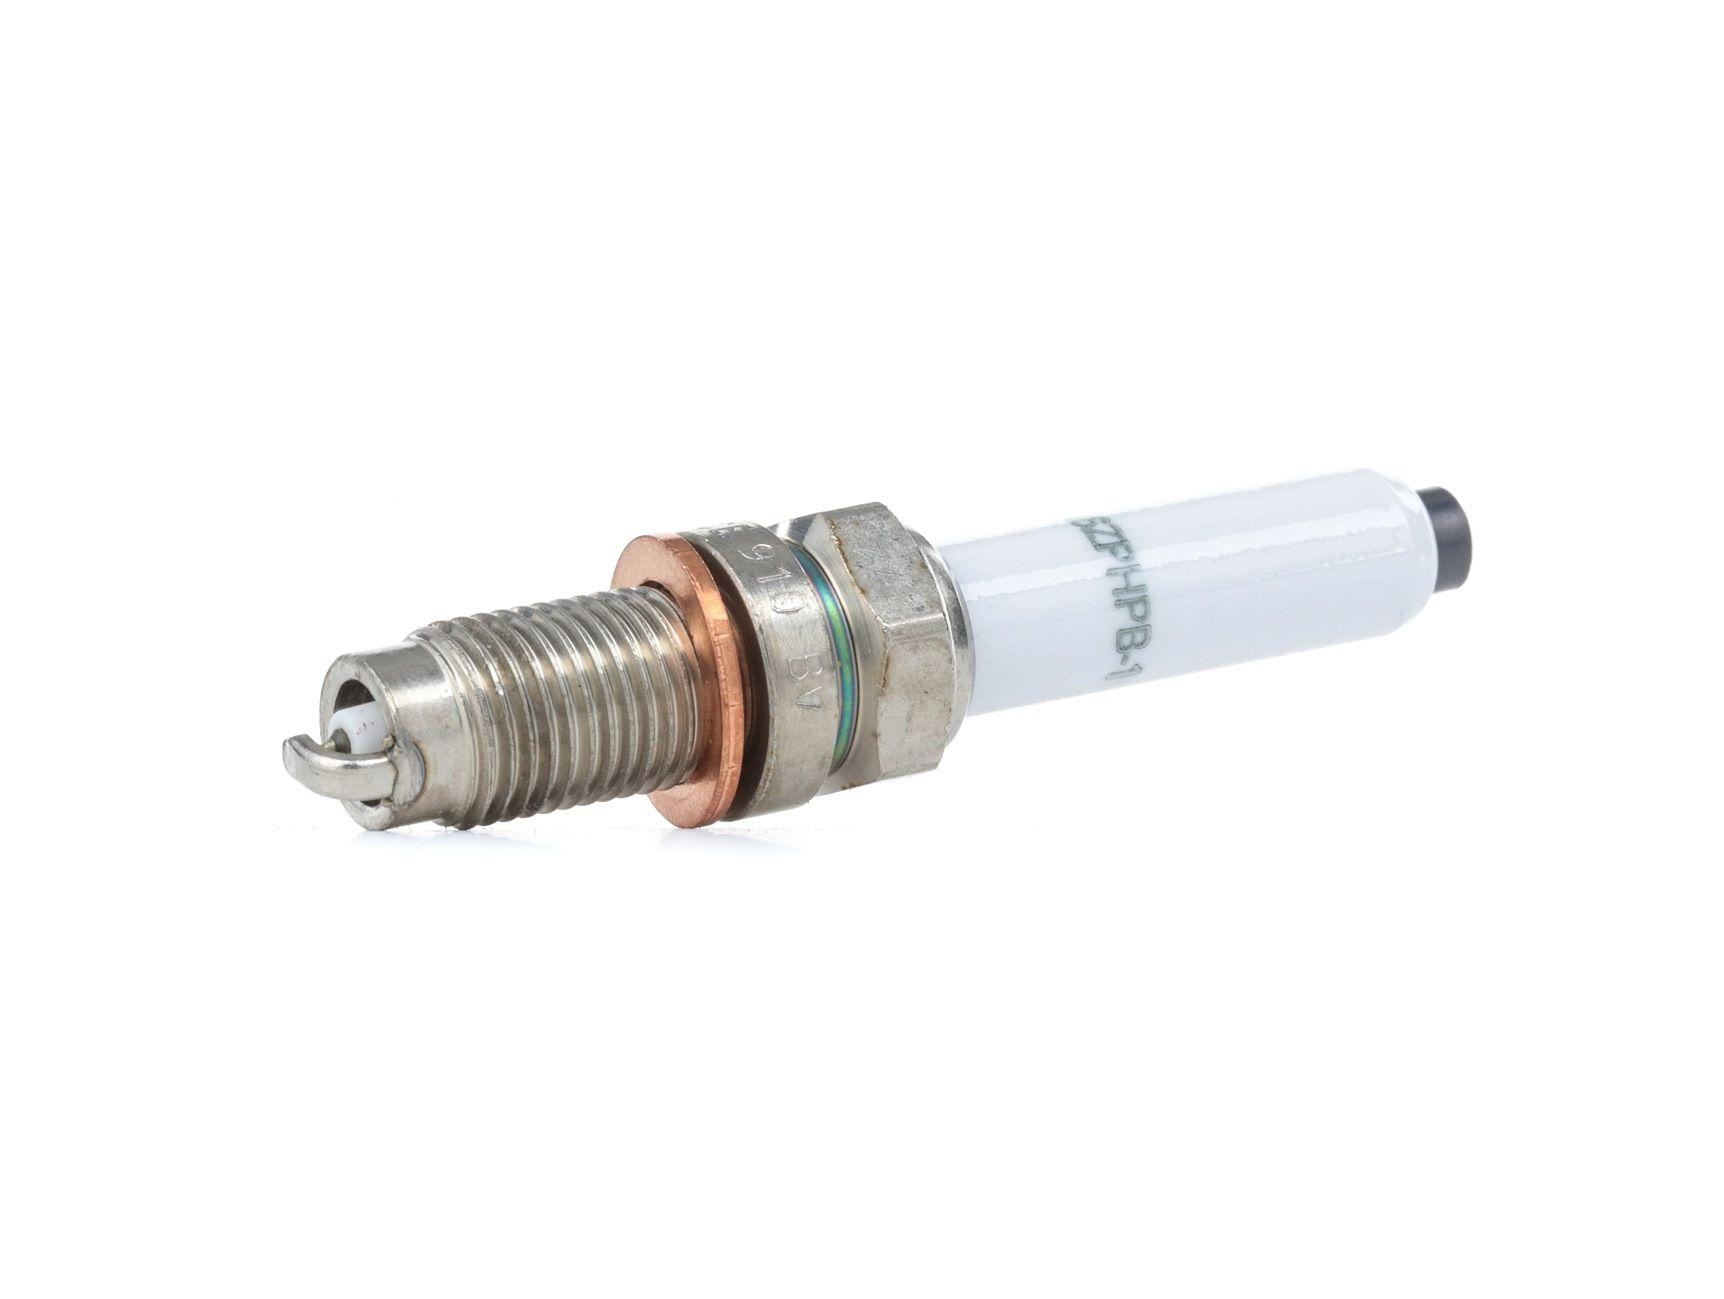 Achetez Pièces d'allumage CHAMPION OE244 (Écart. électr.: 0,8mm, Filetage: M12x1.25) à un rapport qualité-prix exceptionnel